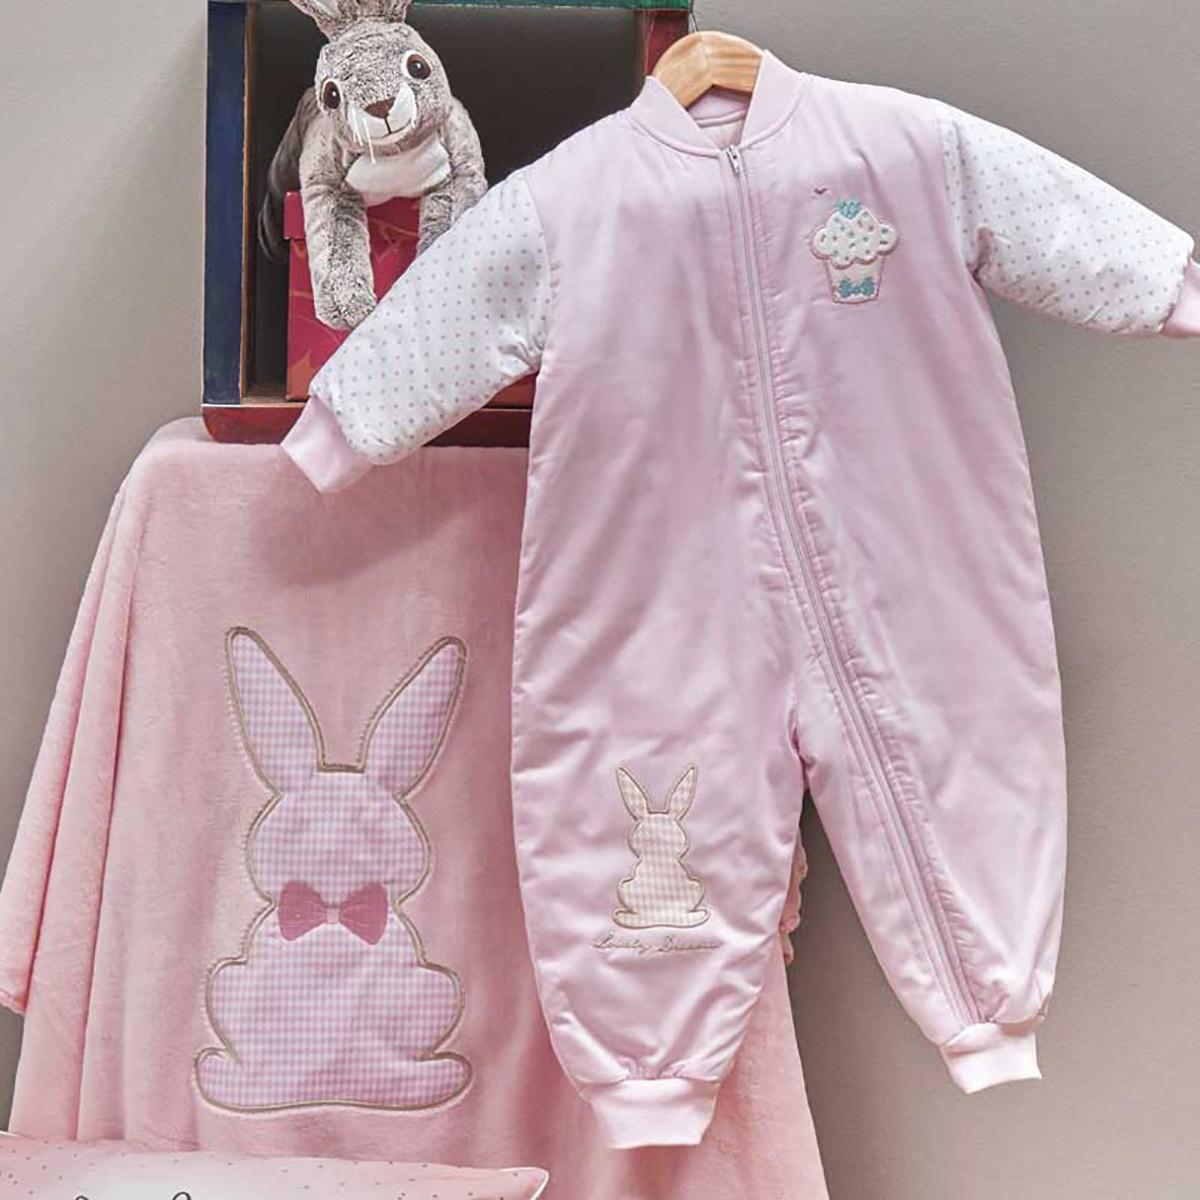 Υπνόσακος Με Μανίκια (80cm) Kentia Baby Rabbit 14